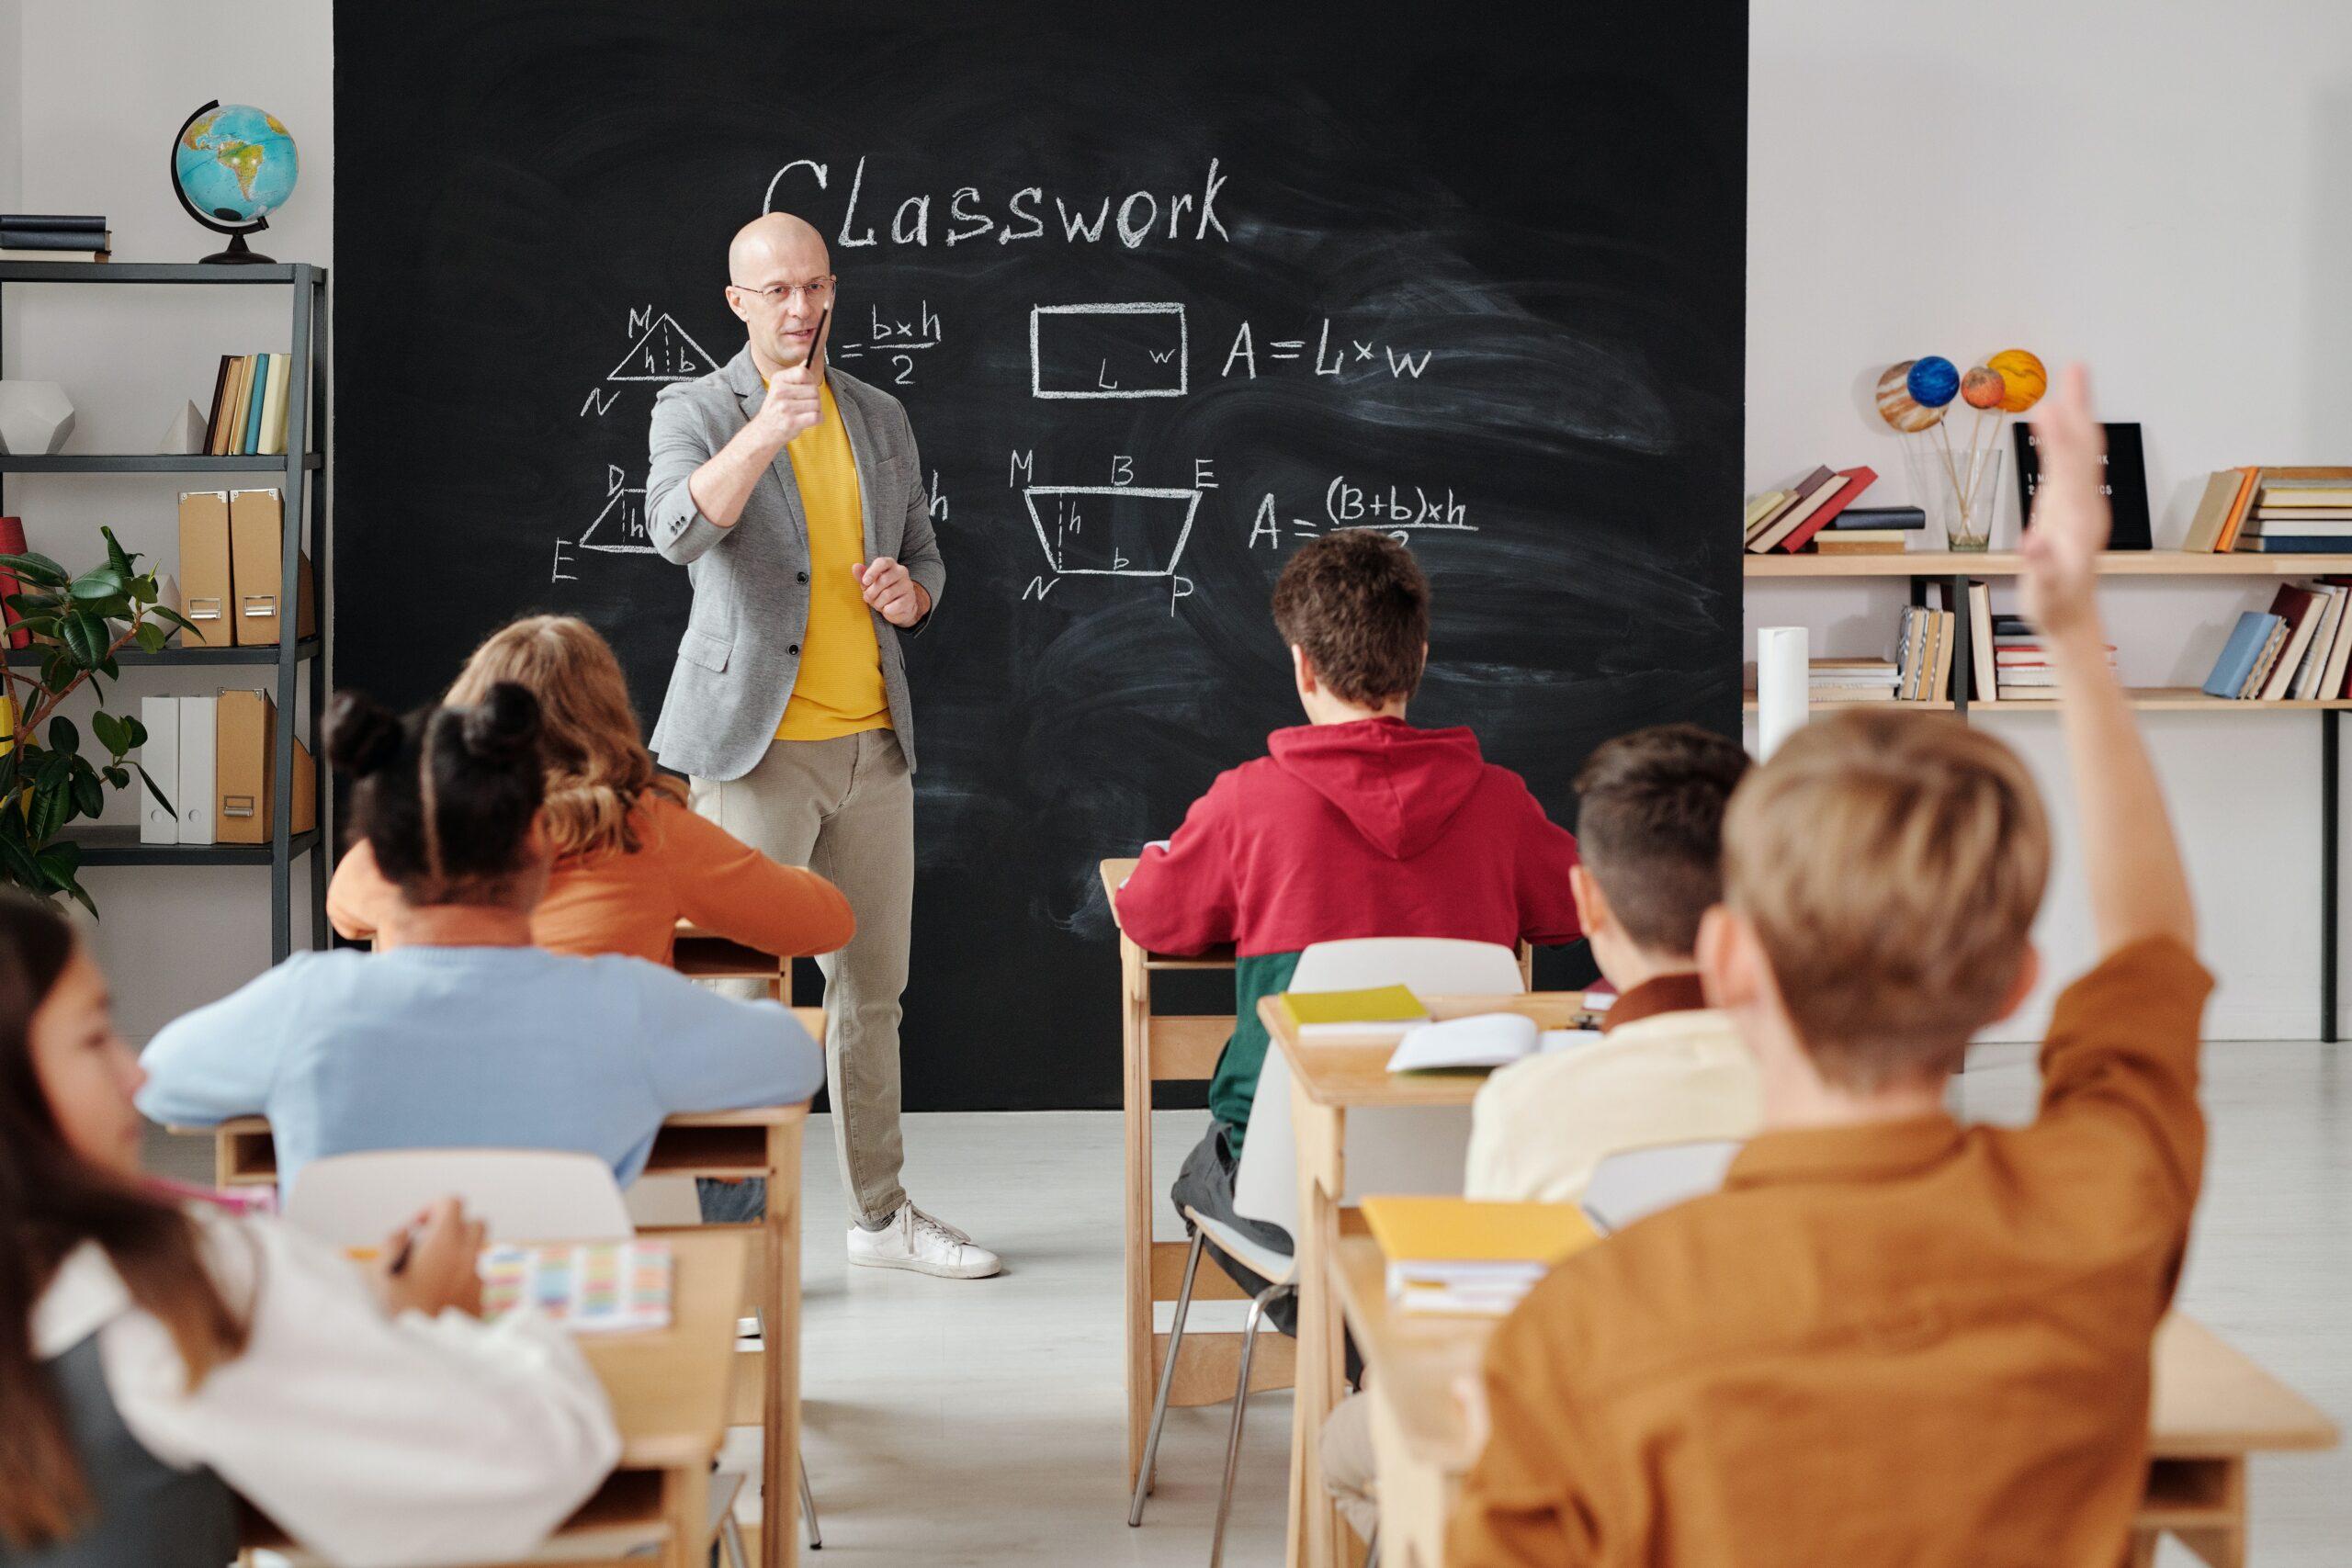 副業で物販を始めるならスクールに通うべき?